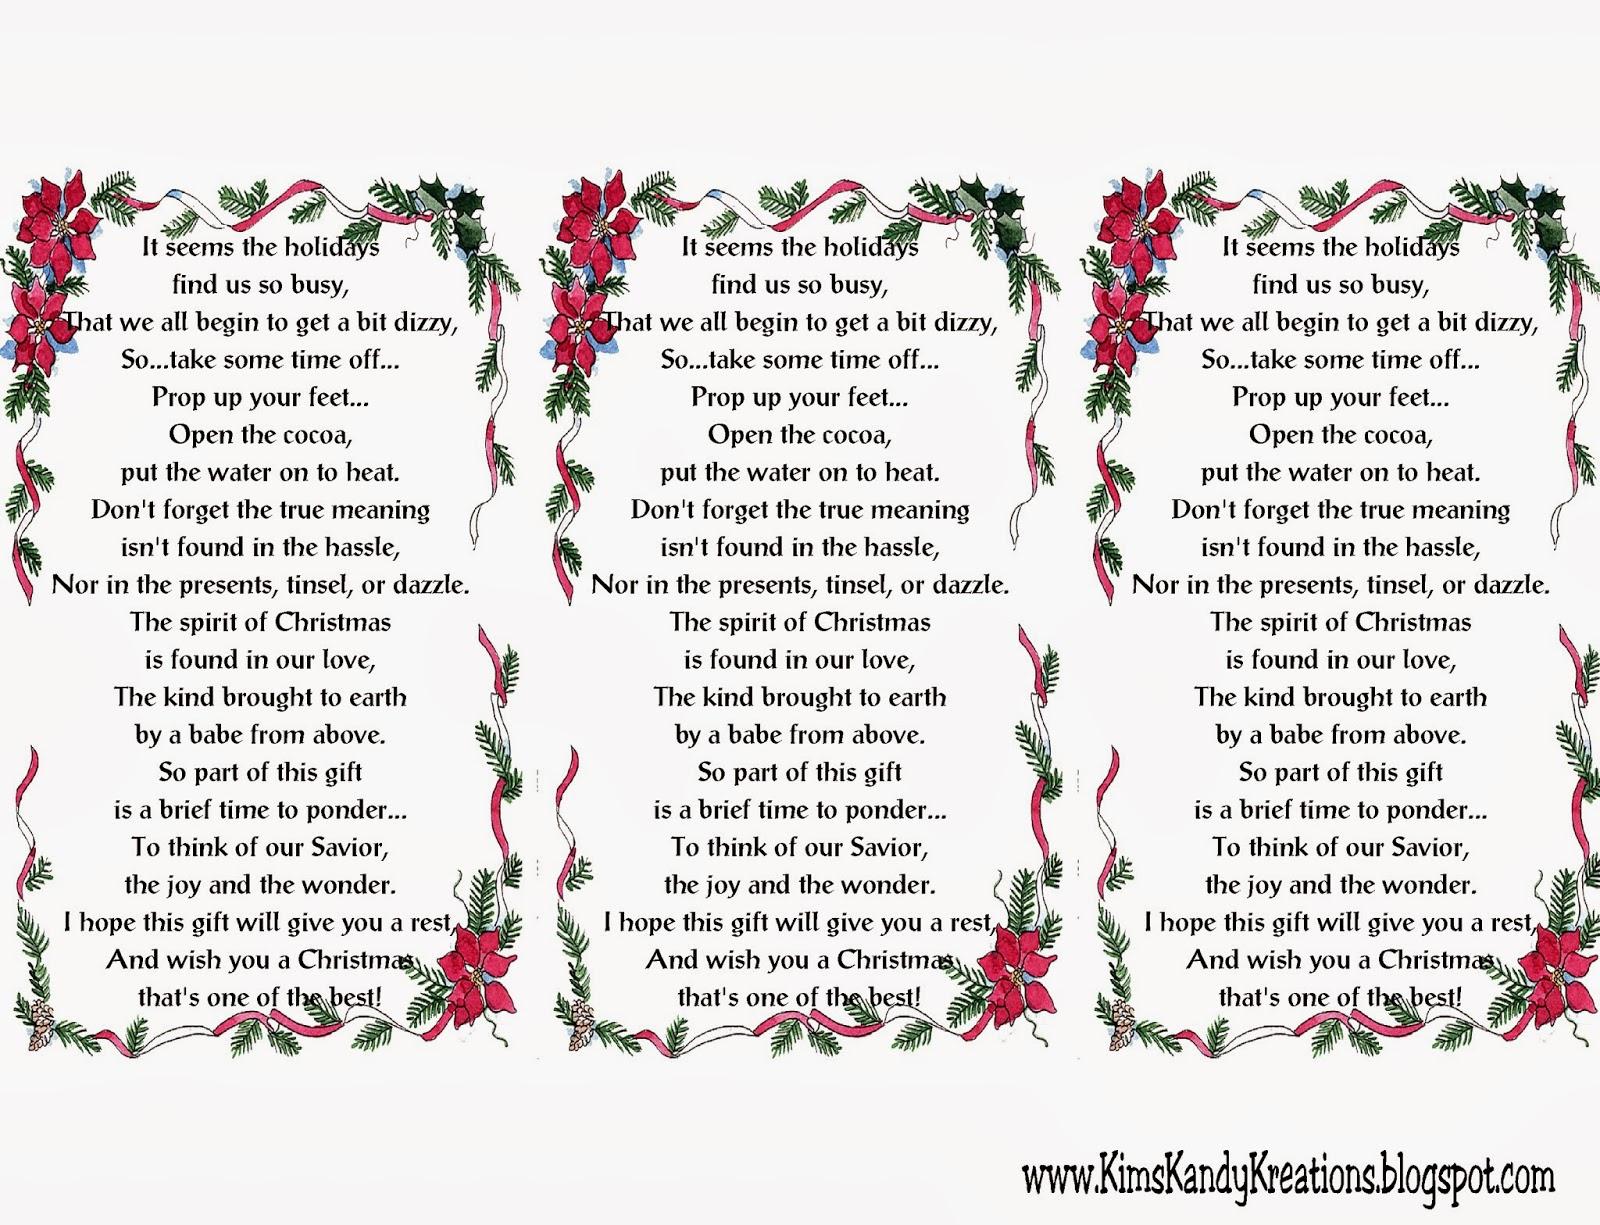 Kisses Free Printable: Easy Christmas Cocoa Gift Idea